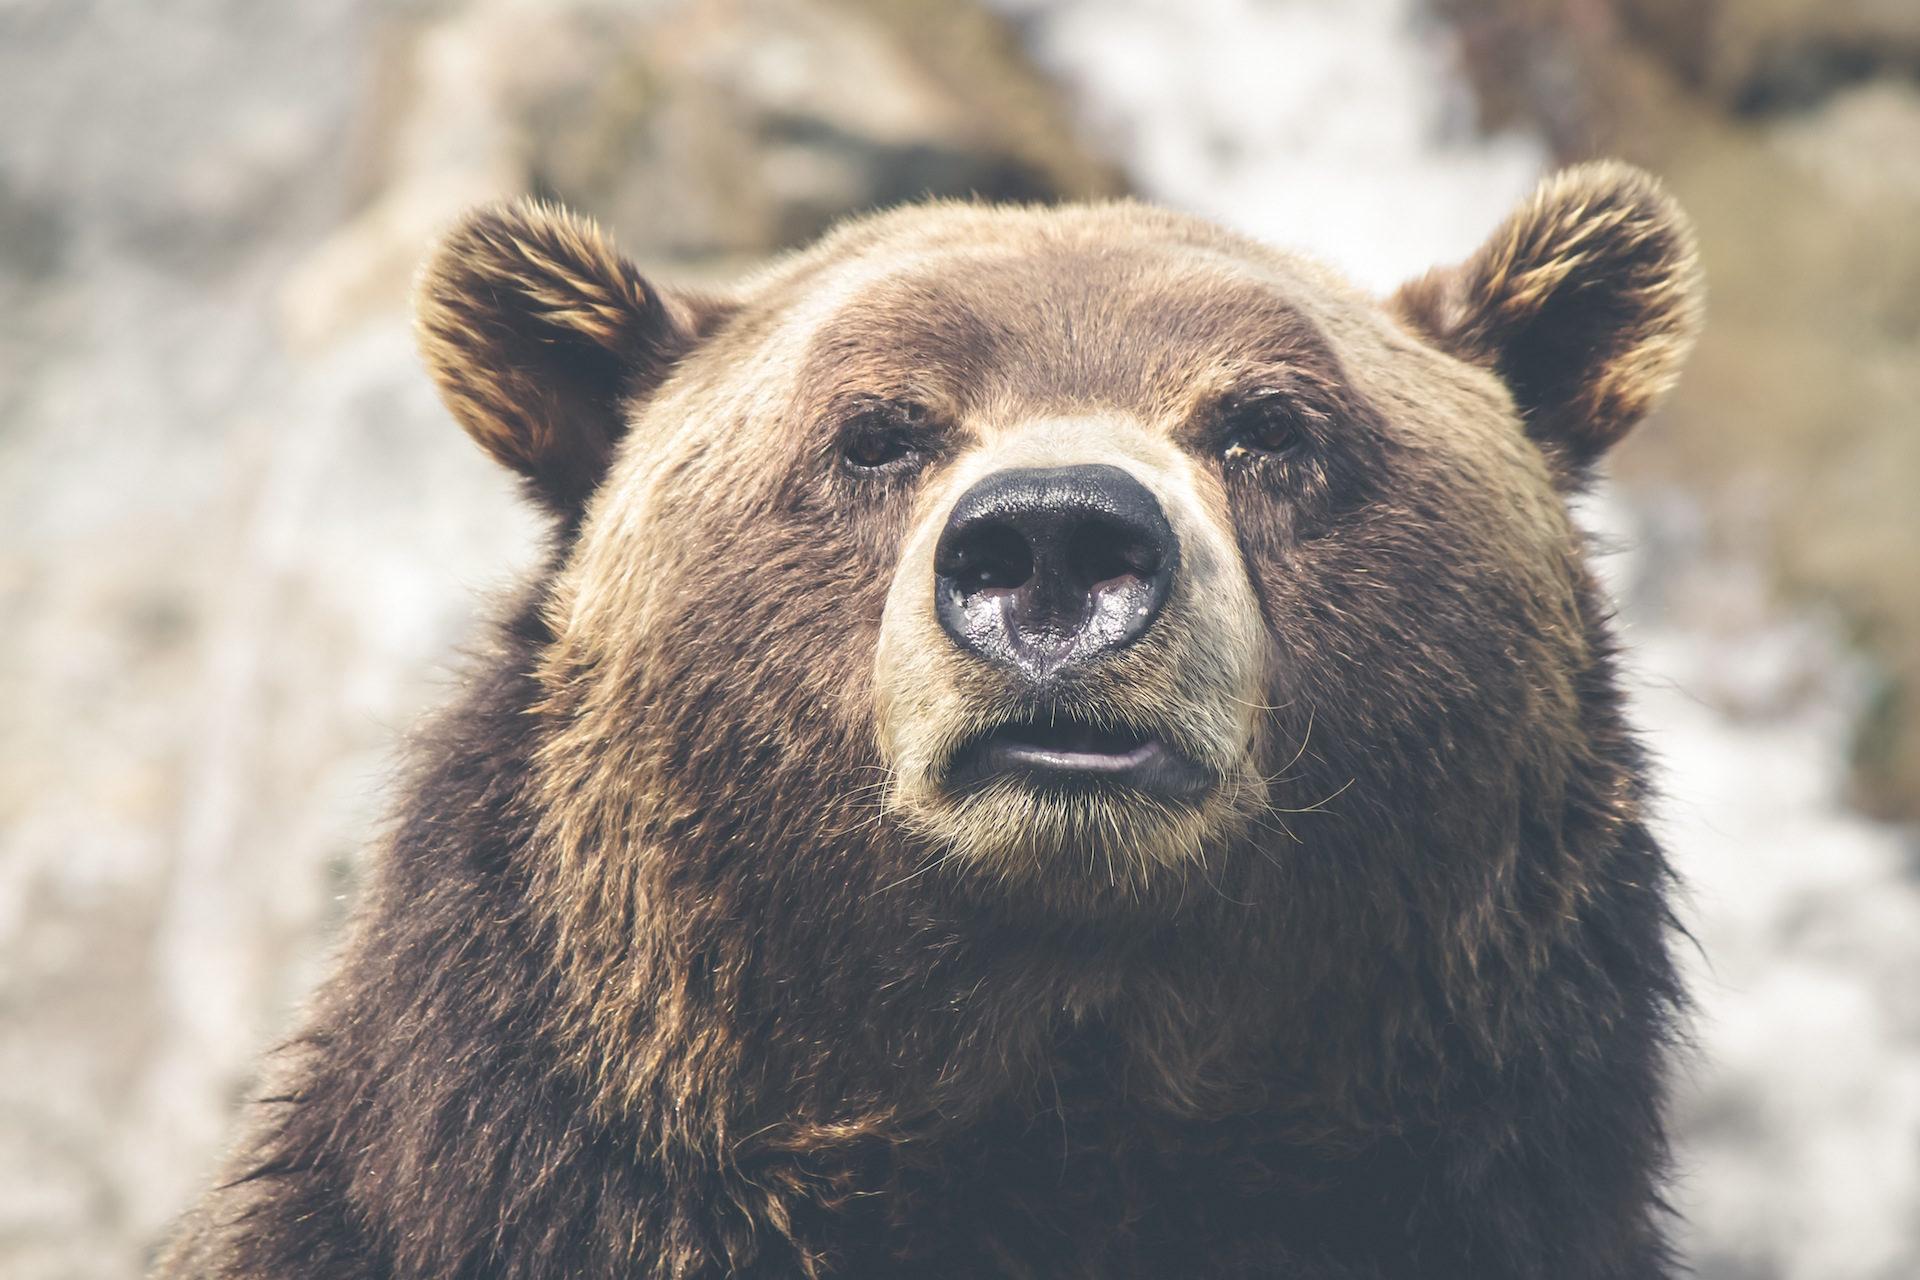 αρκούδα, Pardo, Κοίτα, ρύγχος, Άγρια - Wallpapers HD - Professor-falken.com